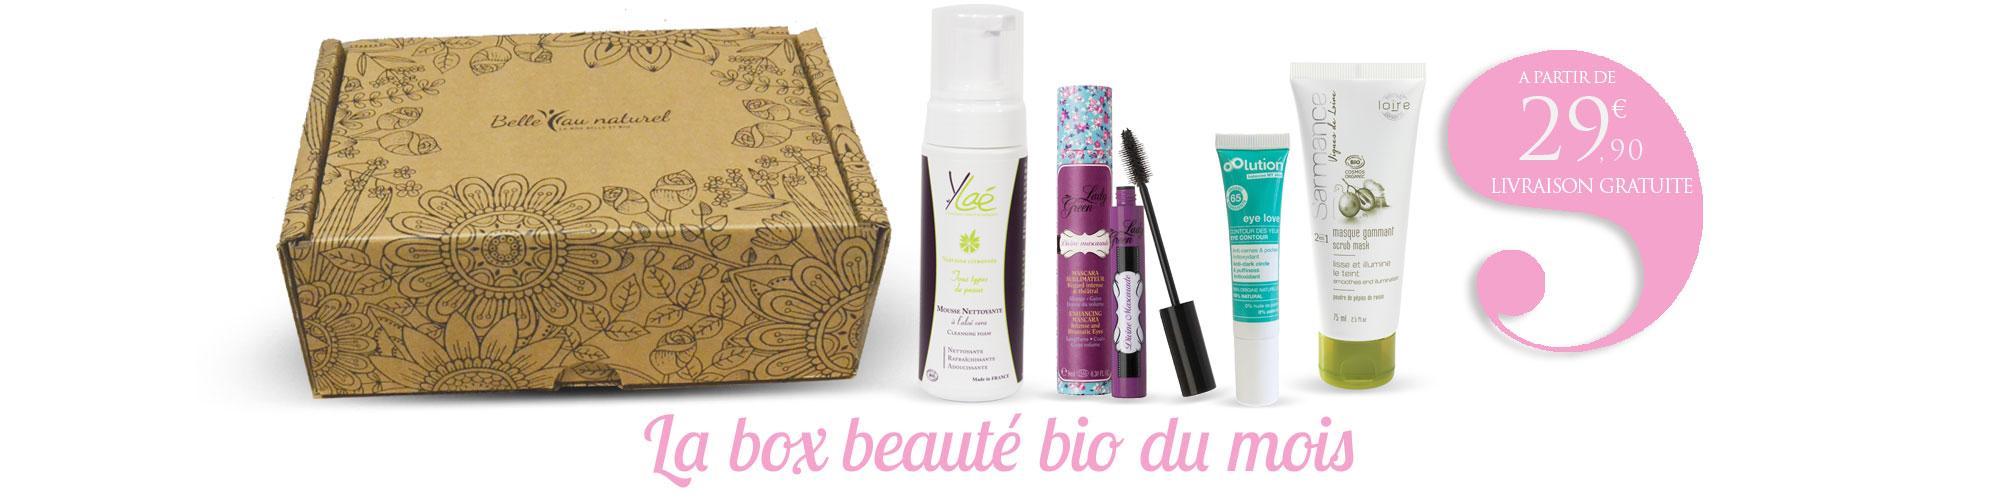 la box beaut bio belleaunaturel cosm tique maquillage et bien tre belle au naturel. Black Bedroom Furniture Sets. Home Design Ideas